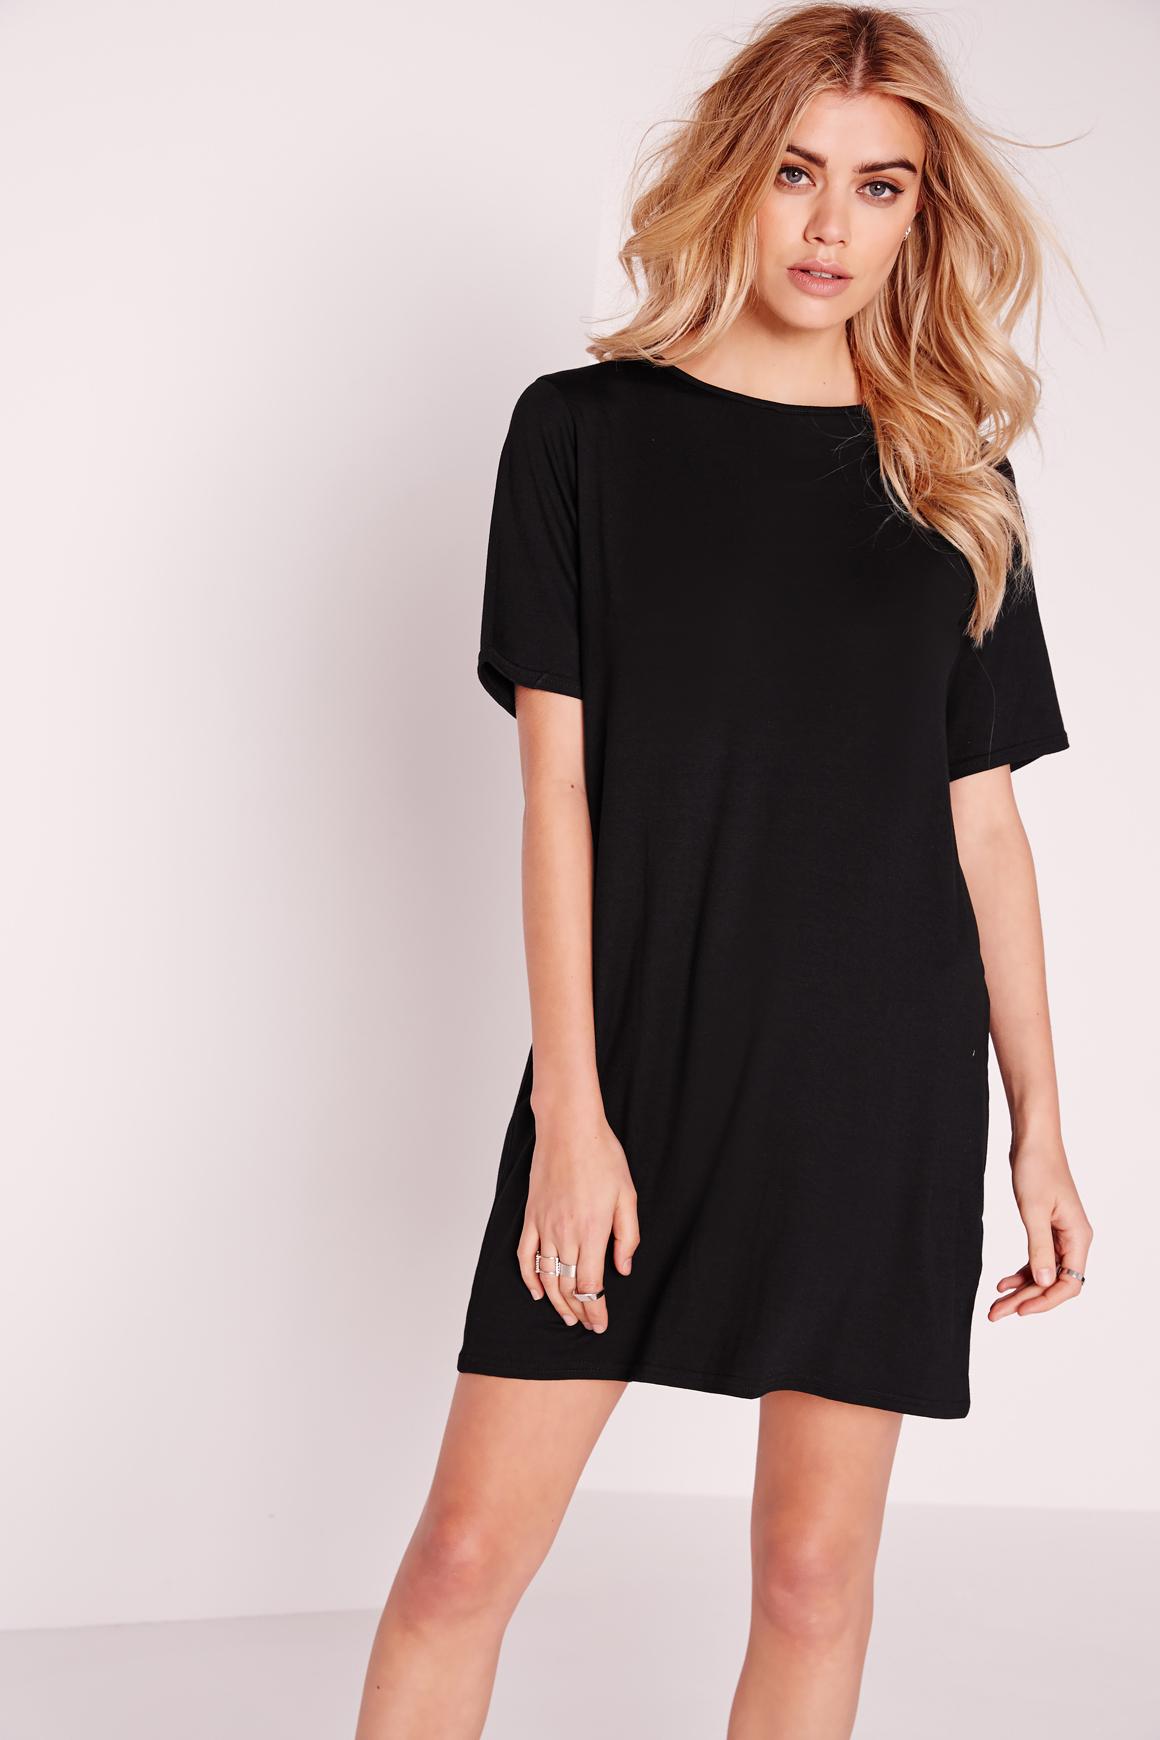 Black t shirt jersey dress - Gallery Women S T Shirt Dresses